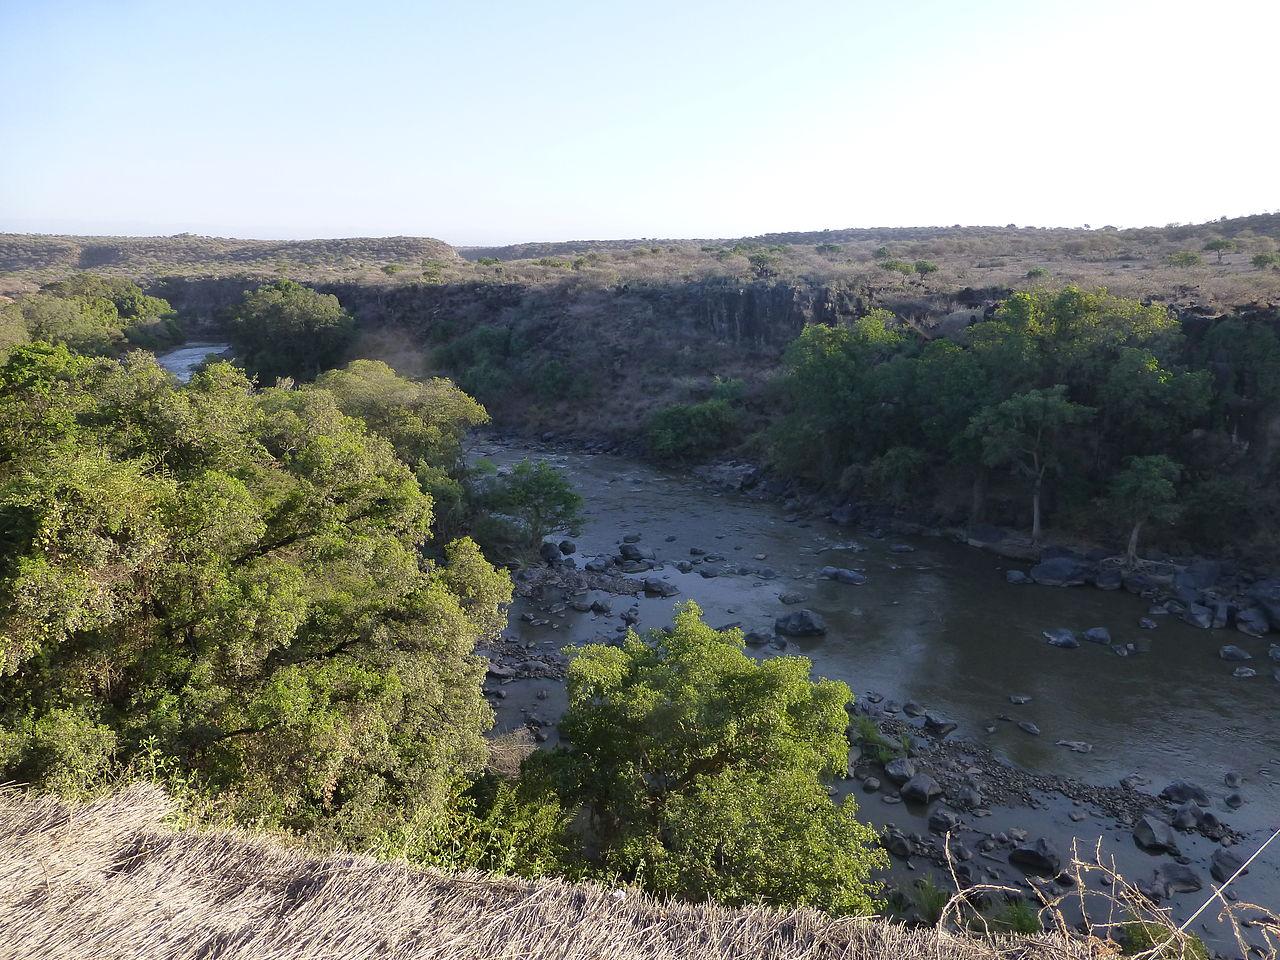 1280px-Parc_national_d'Awash-Ethiopie-Rivière_(1)